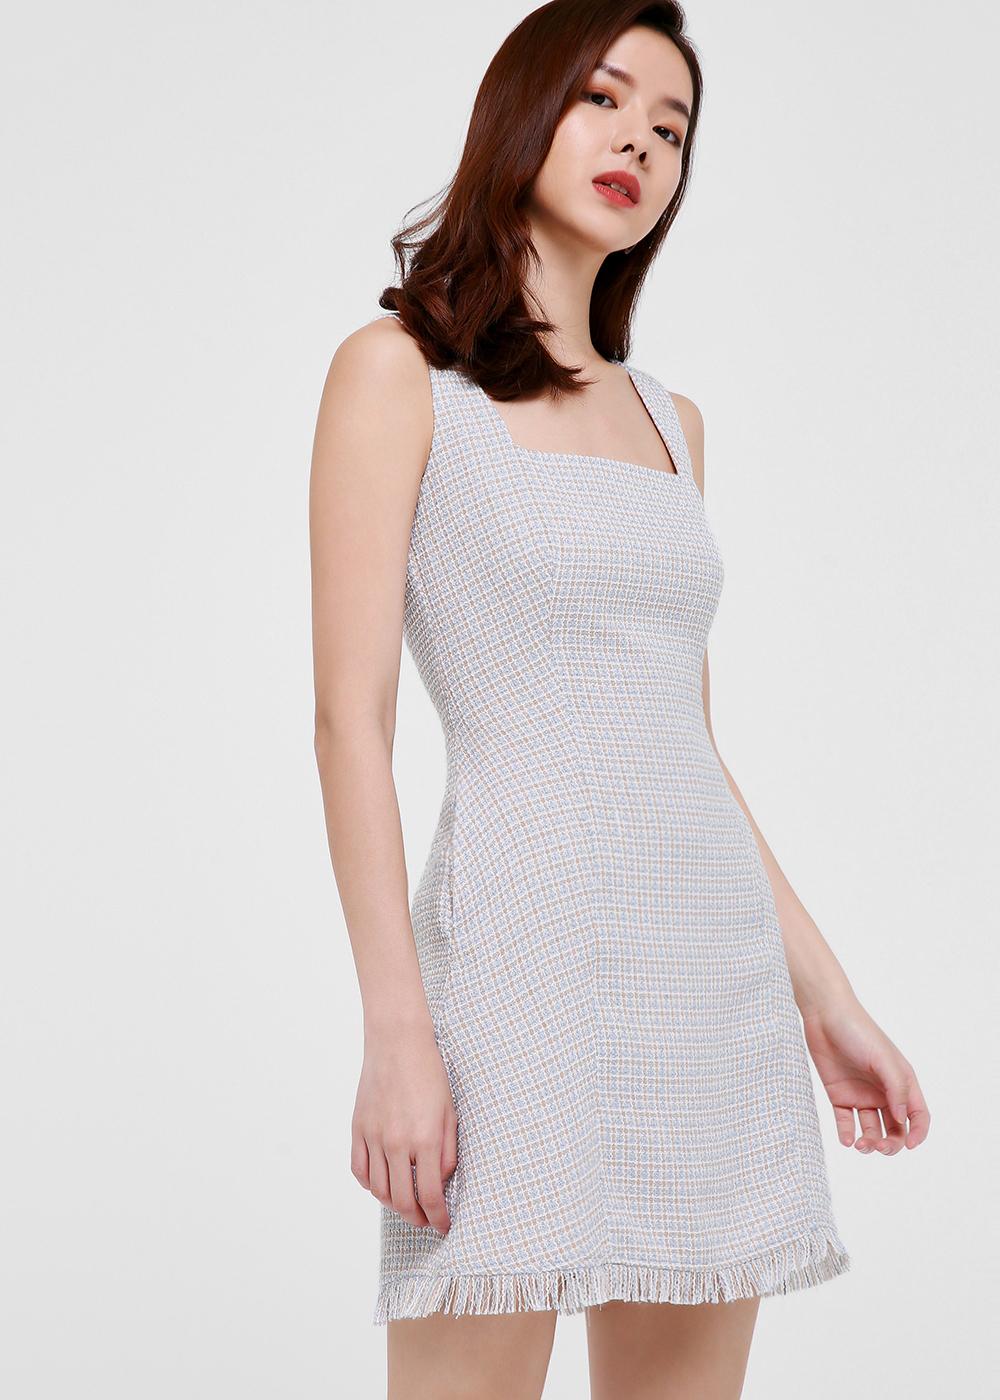 Leia Tweed A-line Mini Dress